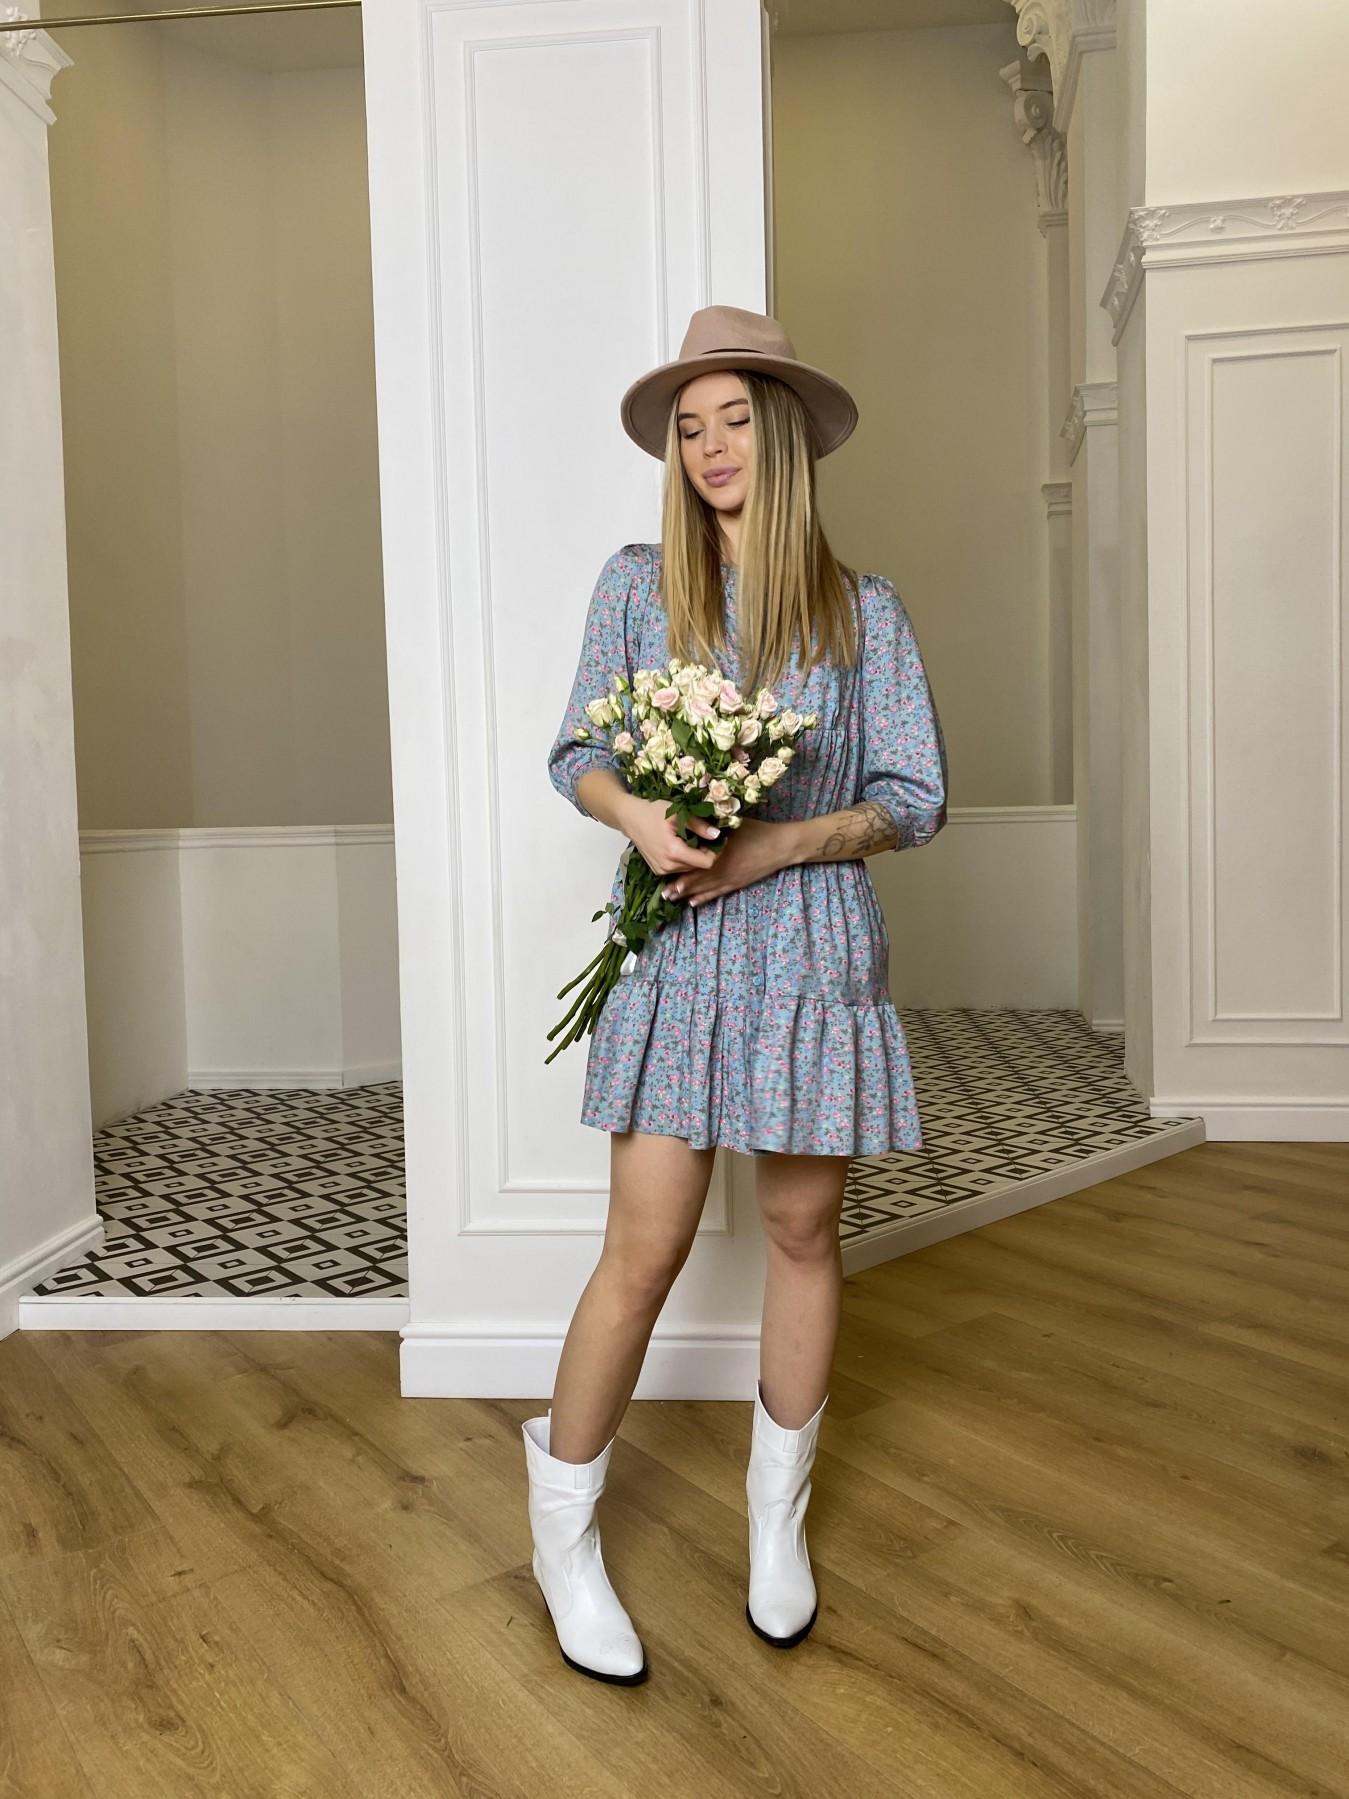 Берри штапель принт платье 10872 АРТ. 47327 Цвет: Цветы мел олива/роз/гол - фото 6, интернет магазин tm-modus.ru